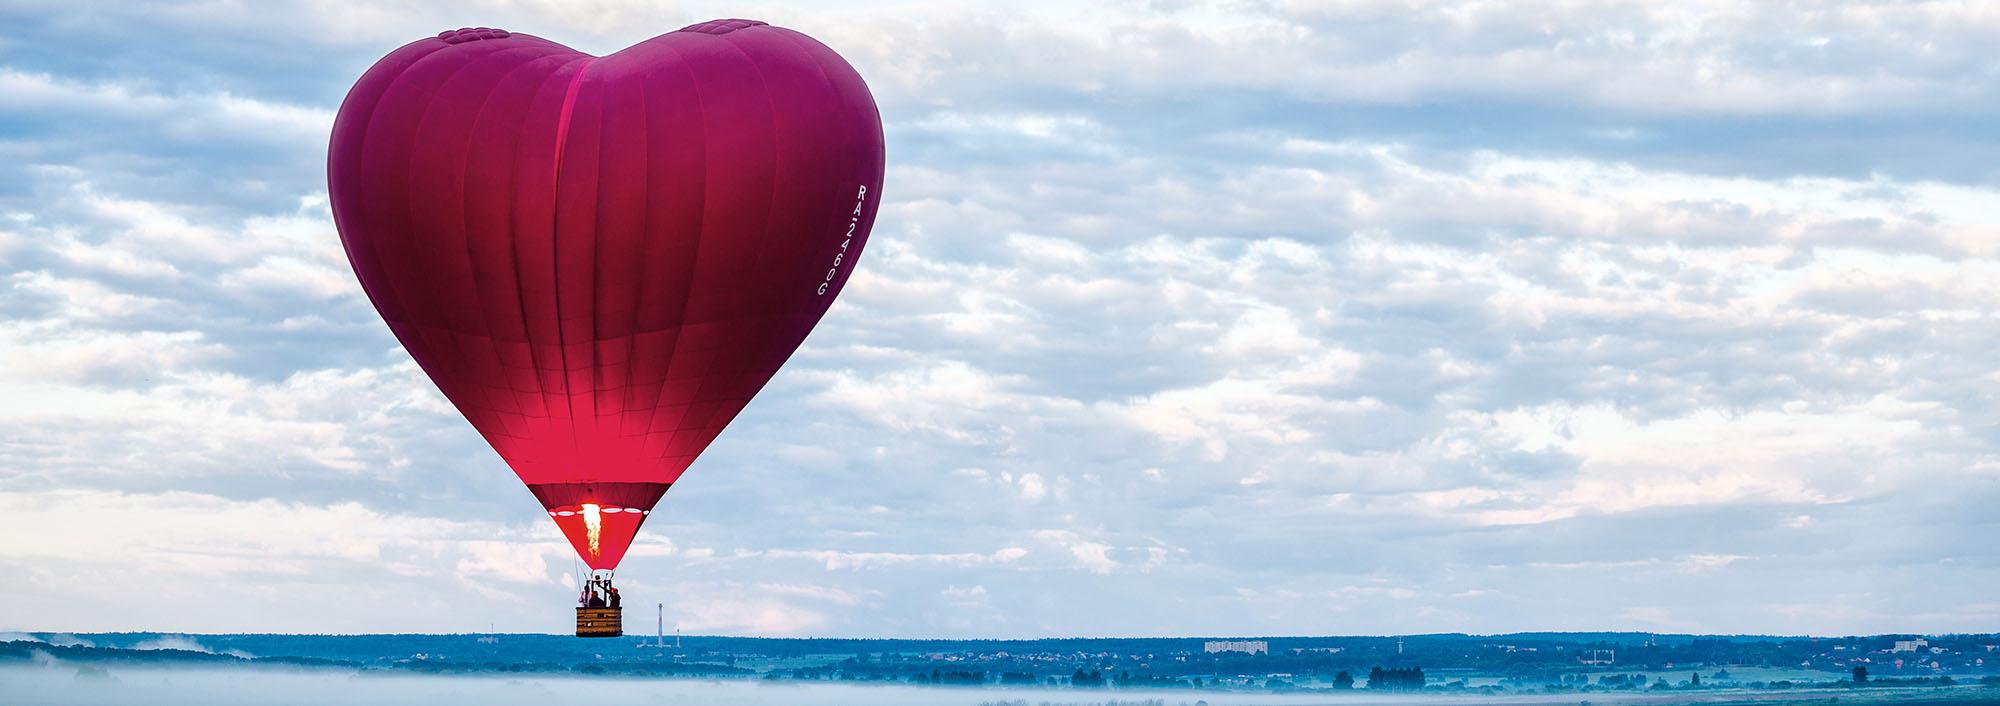 Rød luftballong formet som et hjerte svever i landskap